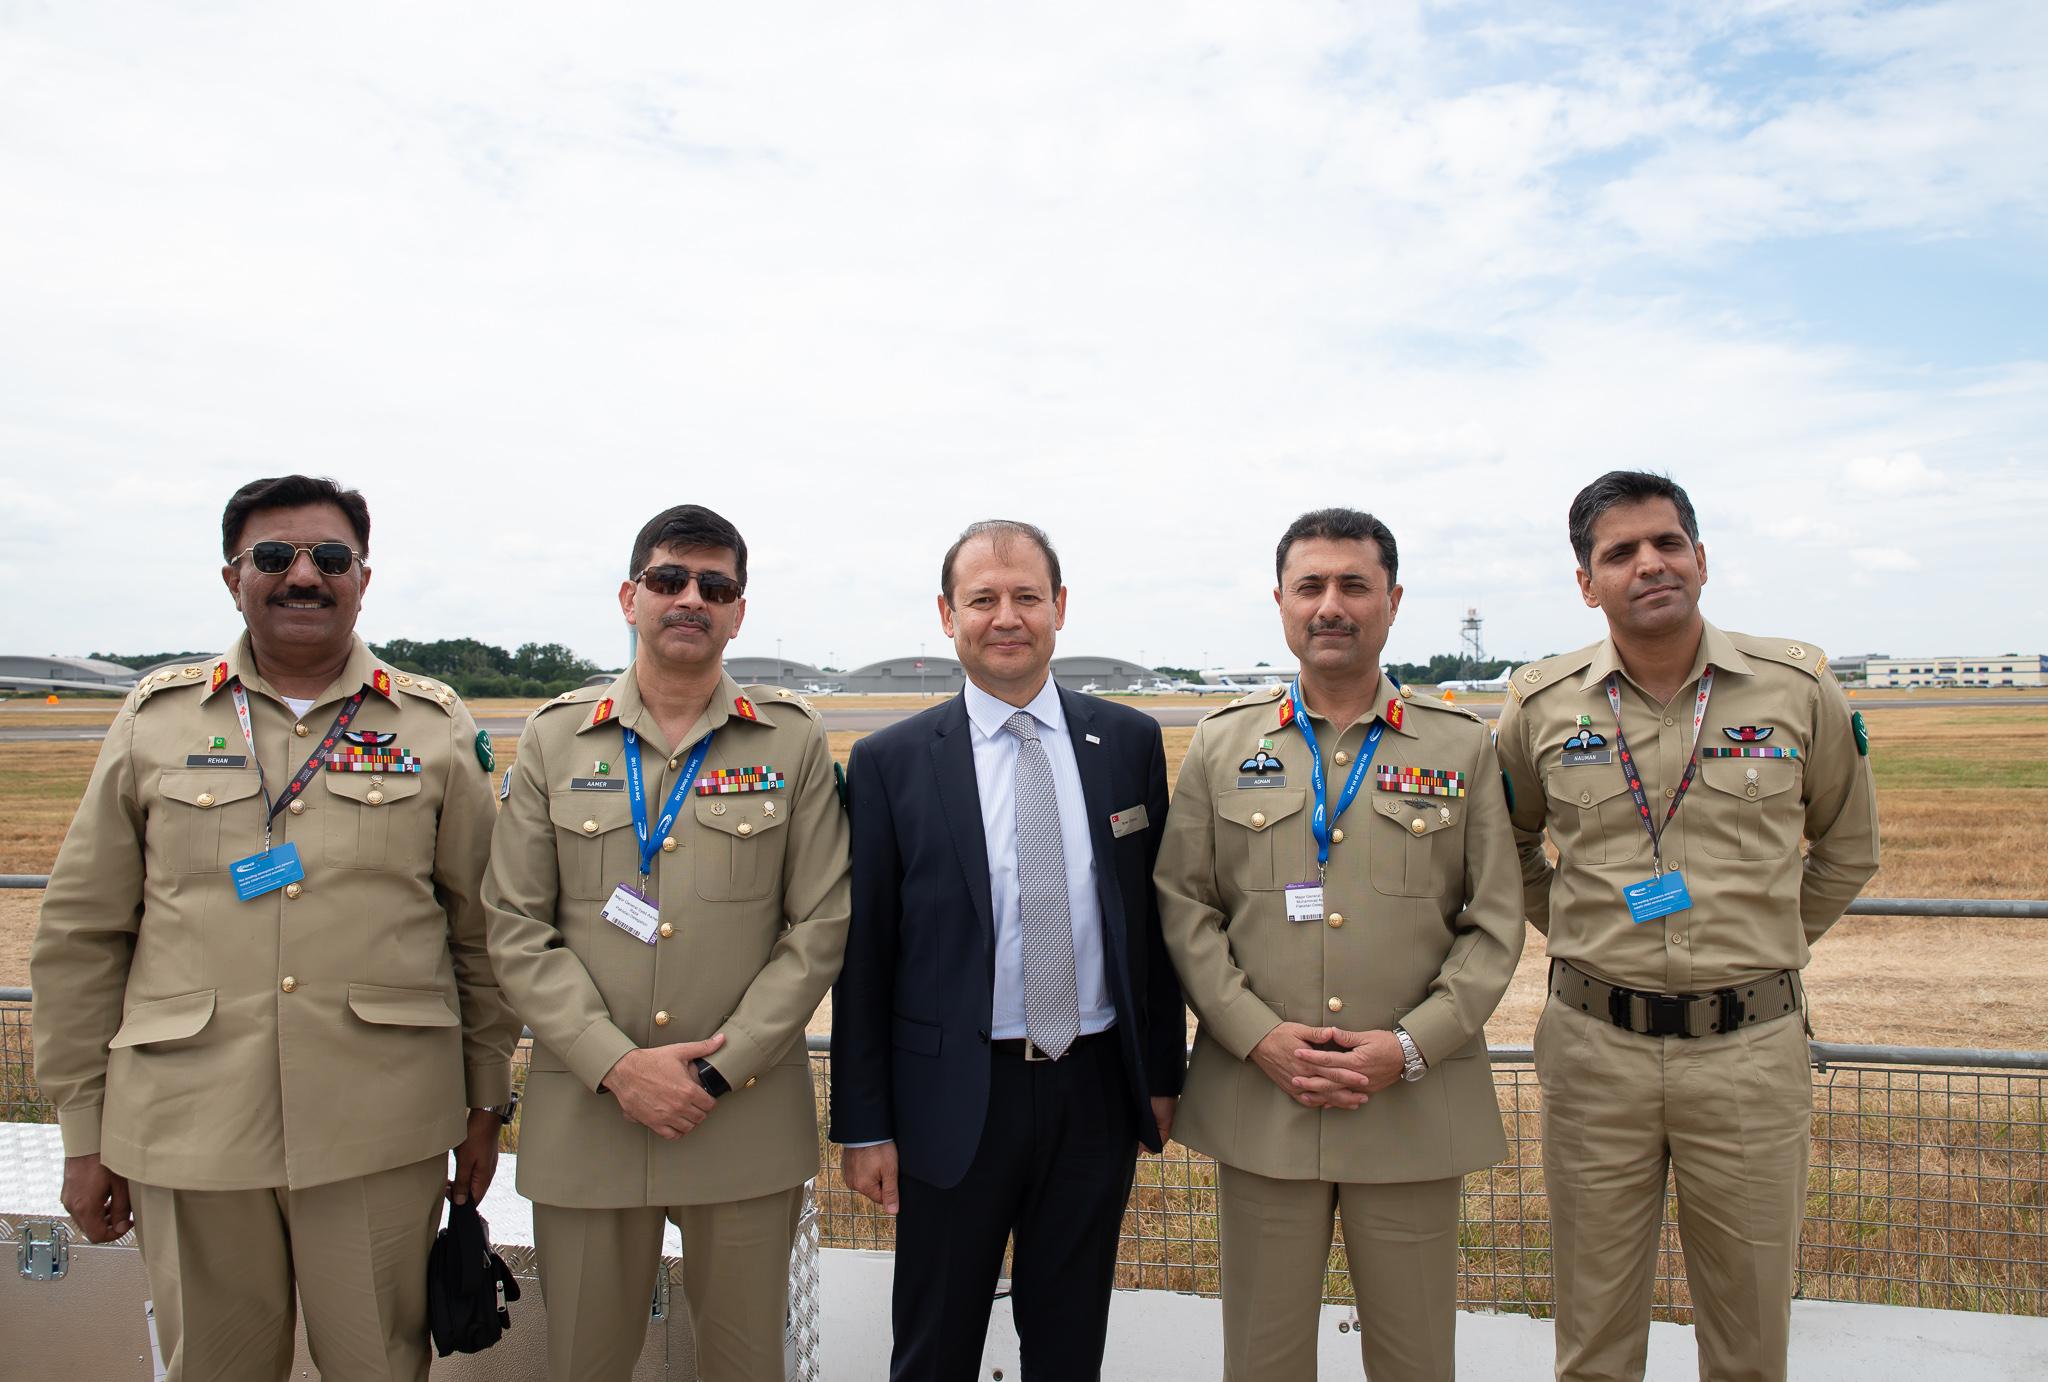 Pakistan Genelkurmay 2.Başkanı - Farnborough Air Show da T129 ATAK Gösteri Uçuşunu İzledi